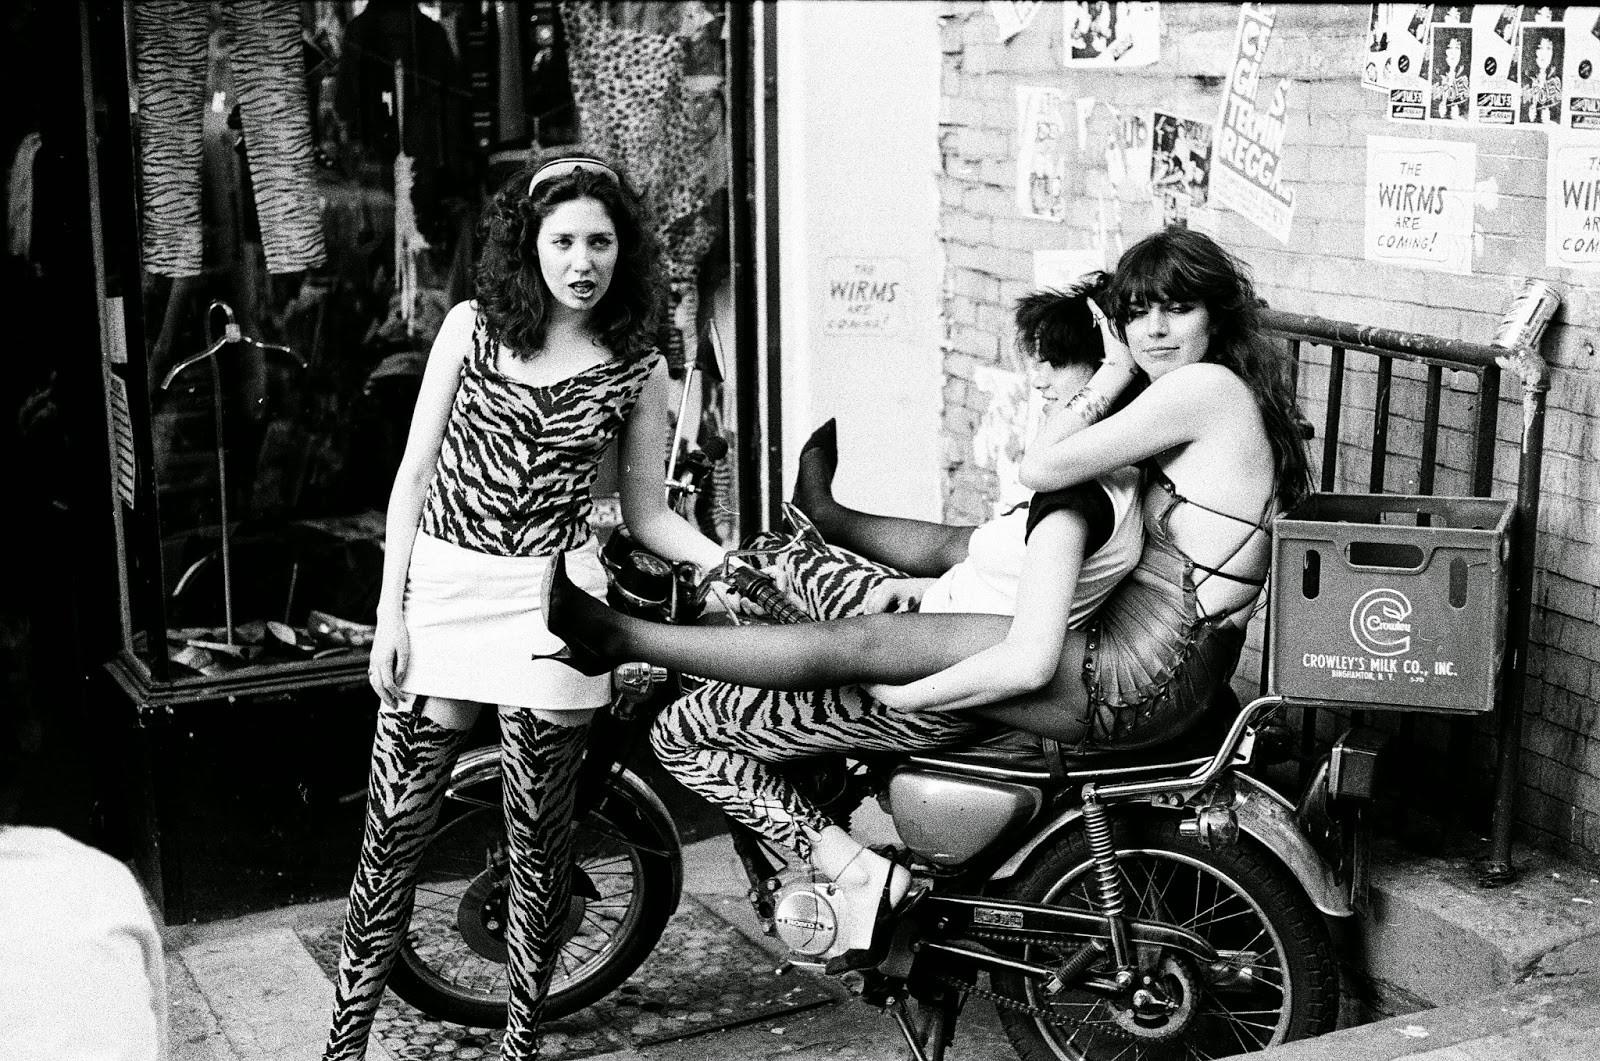 Нью-Йорк, 1978. Фотограф Пол Зон